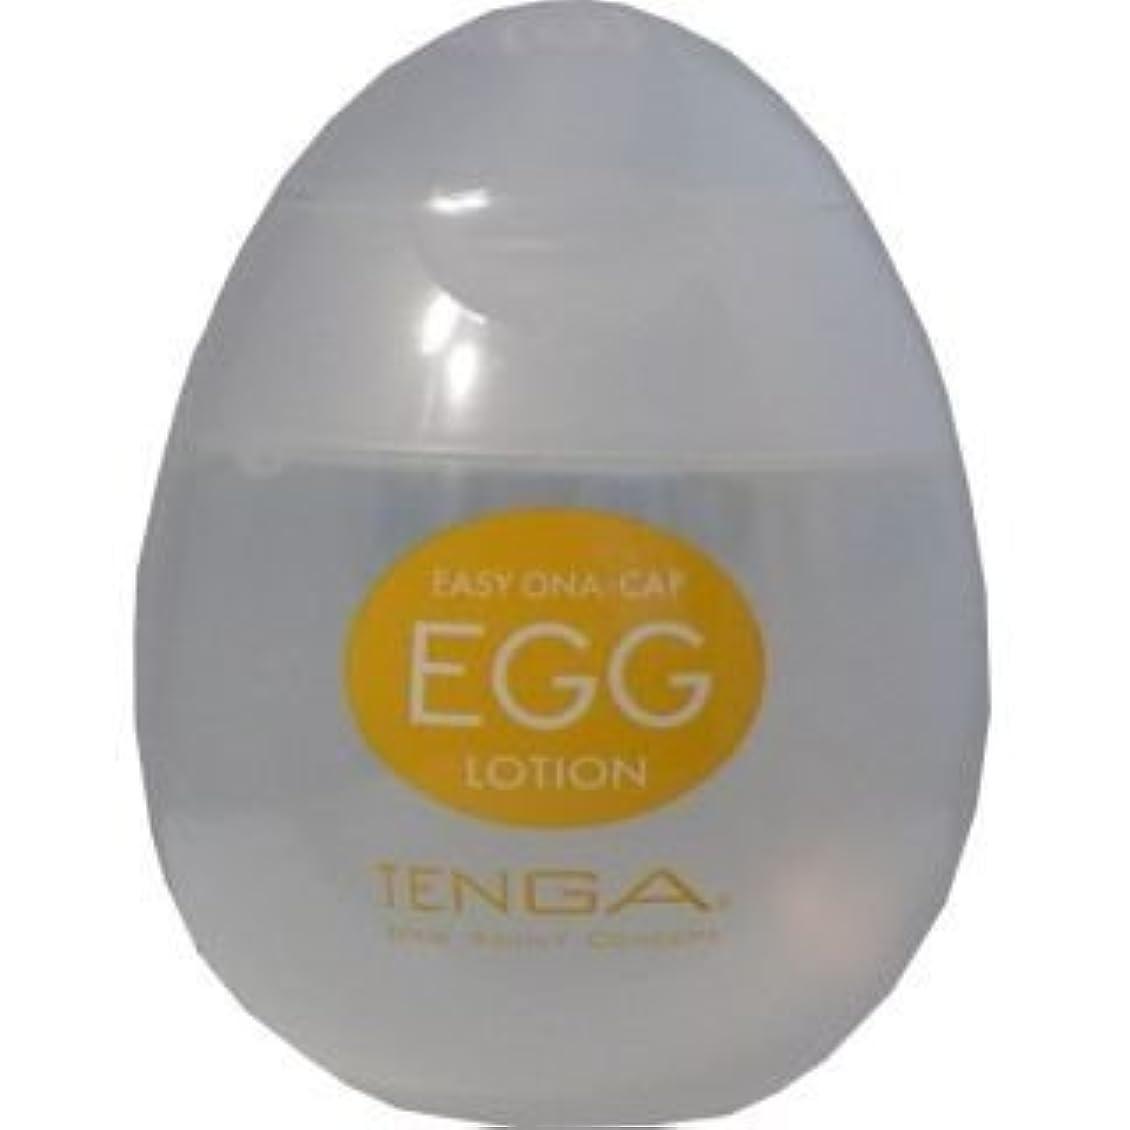 聞きます多数の誘惑する保湿成分配合で潤い長持ち!TENGA(テンガ) EGG LOTION(エッグローション) EGGL-001【4個セット】